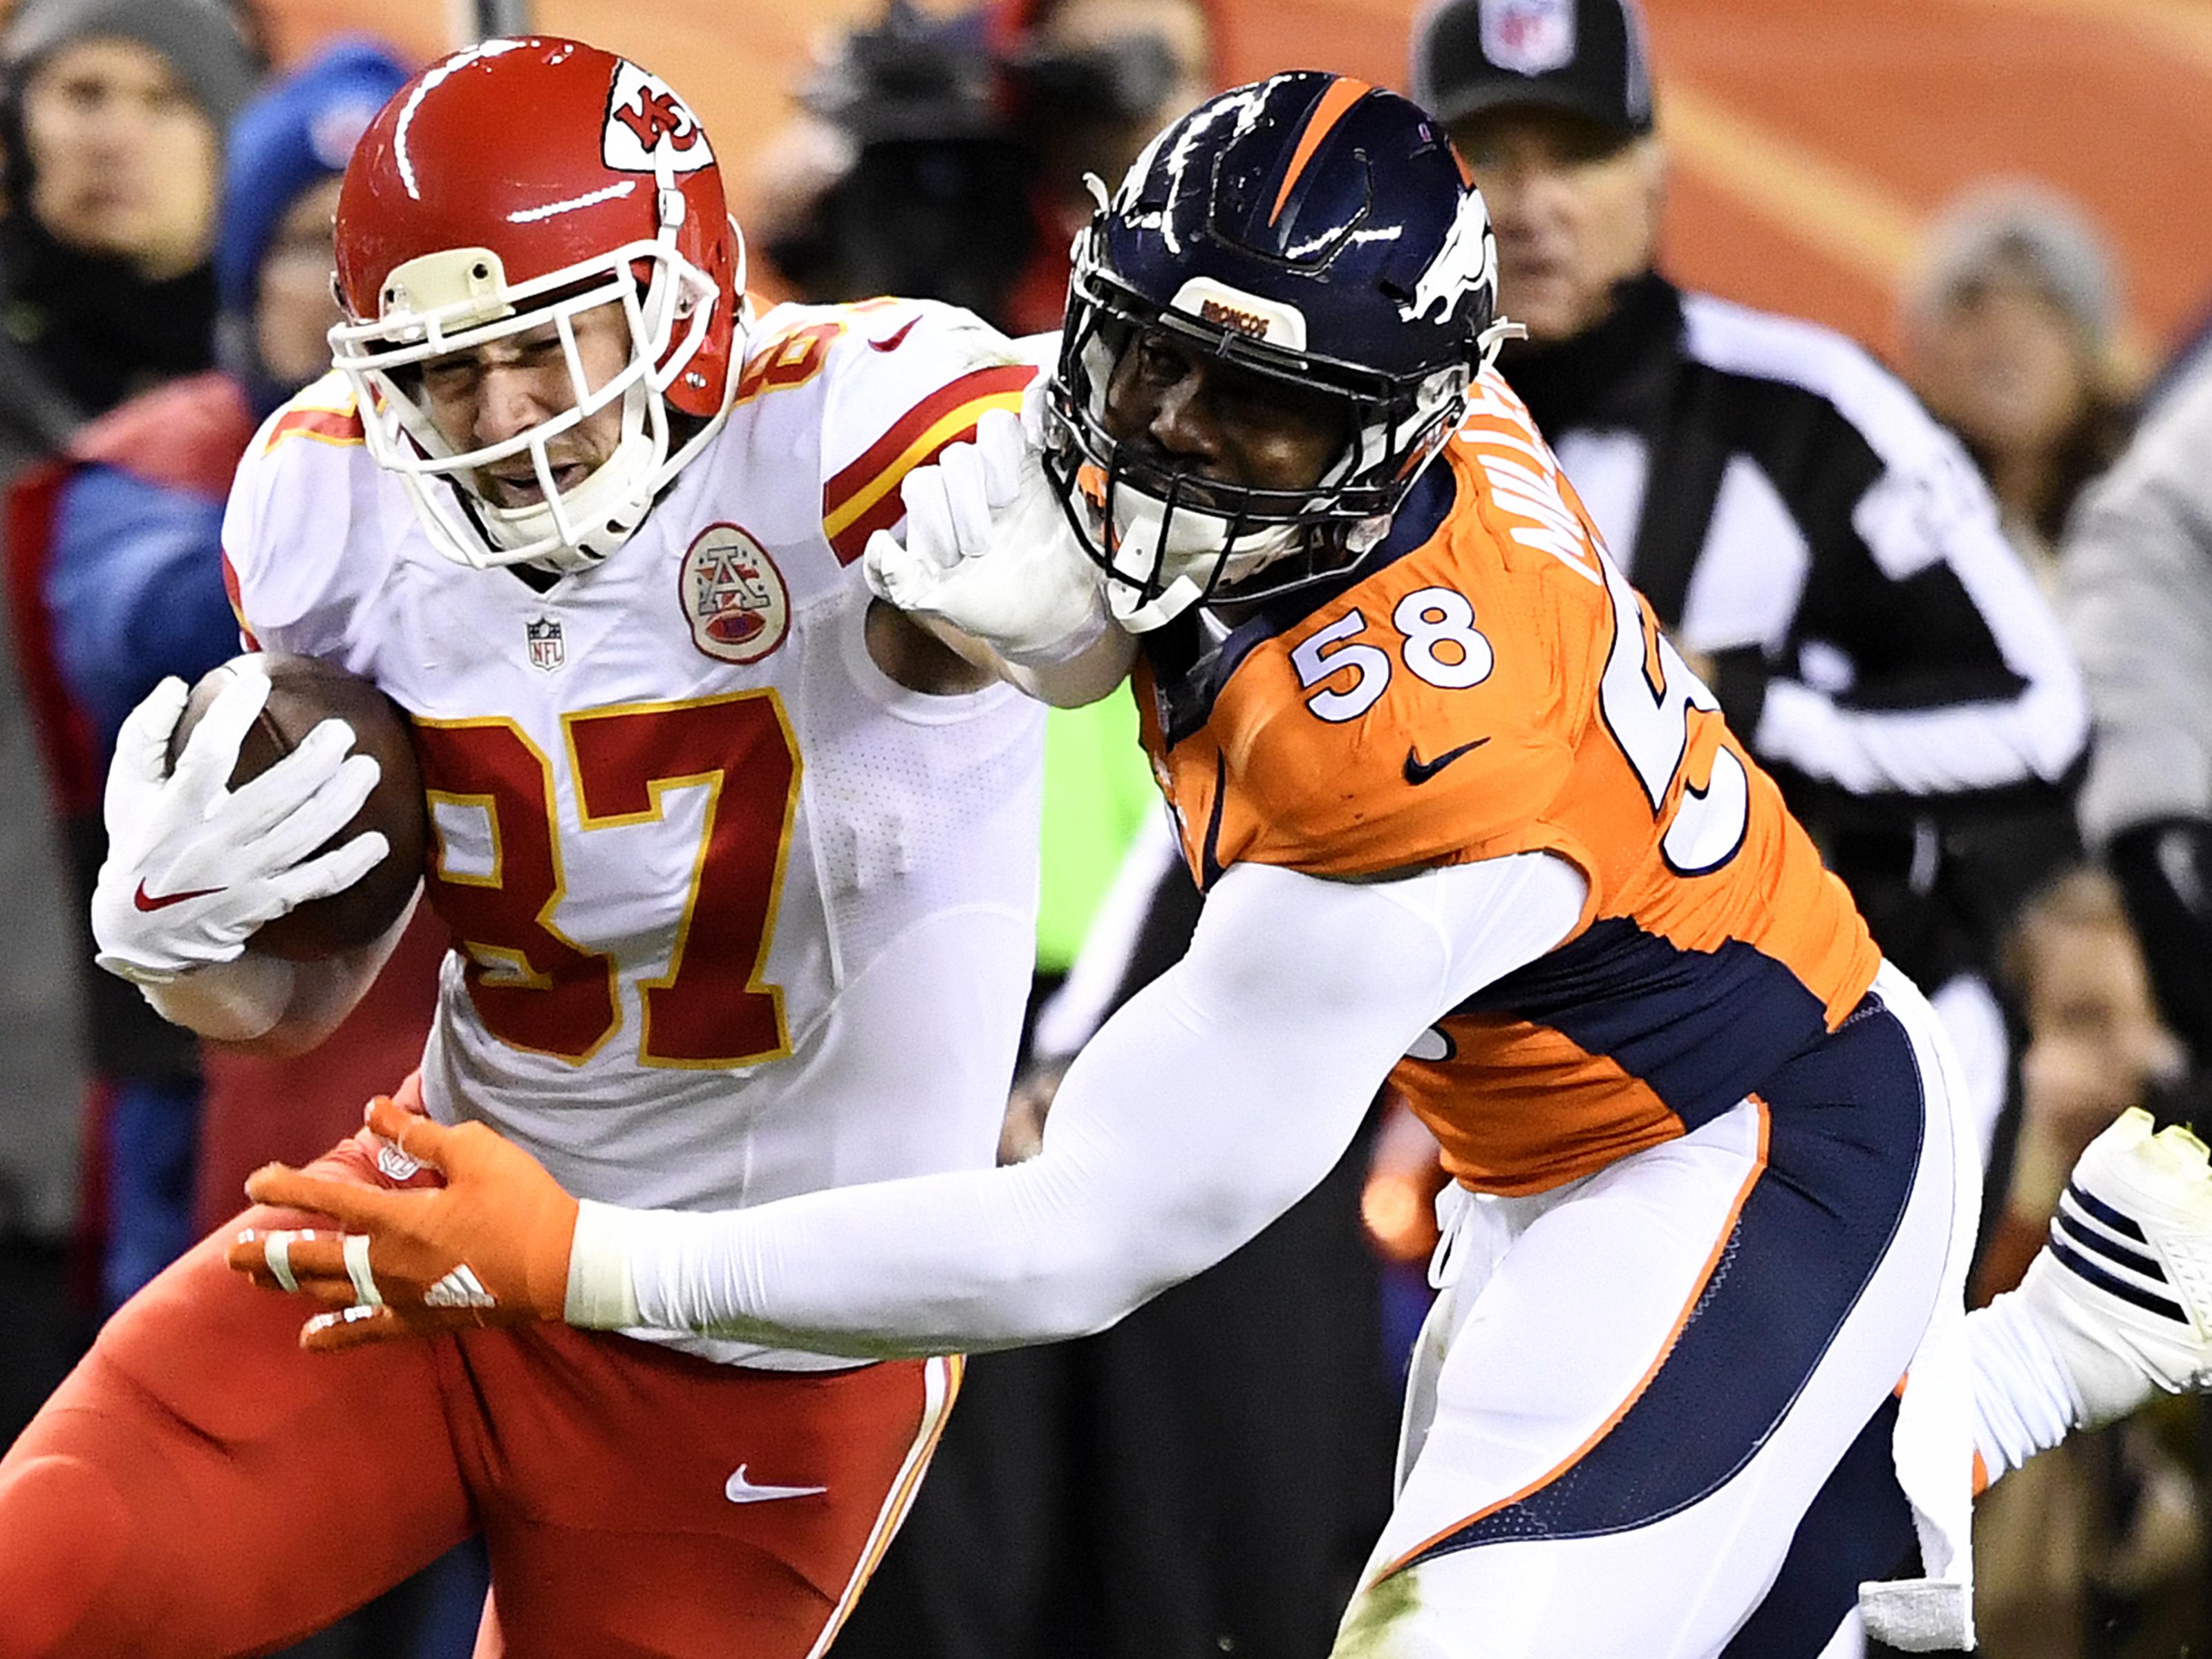 Denver Broncos vs. Kansas City Chiefs, NFL Week 12